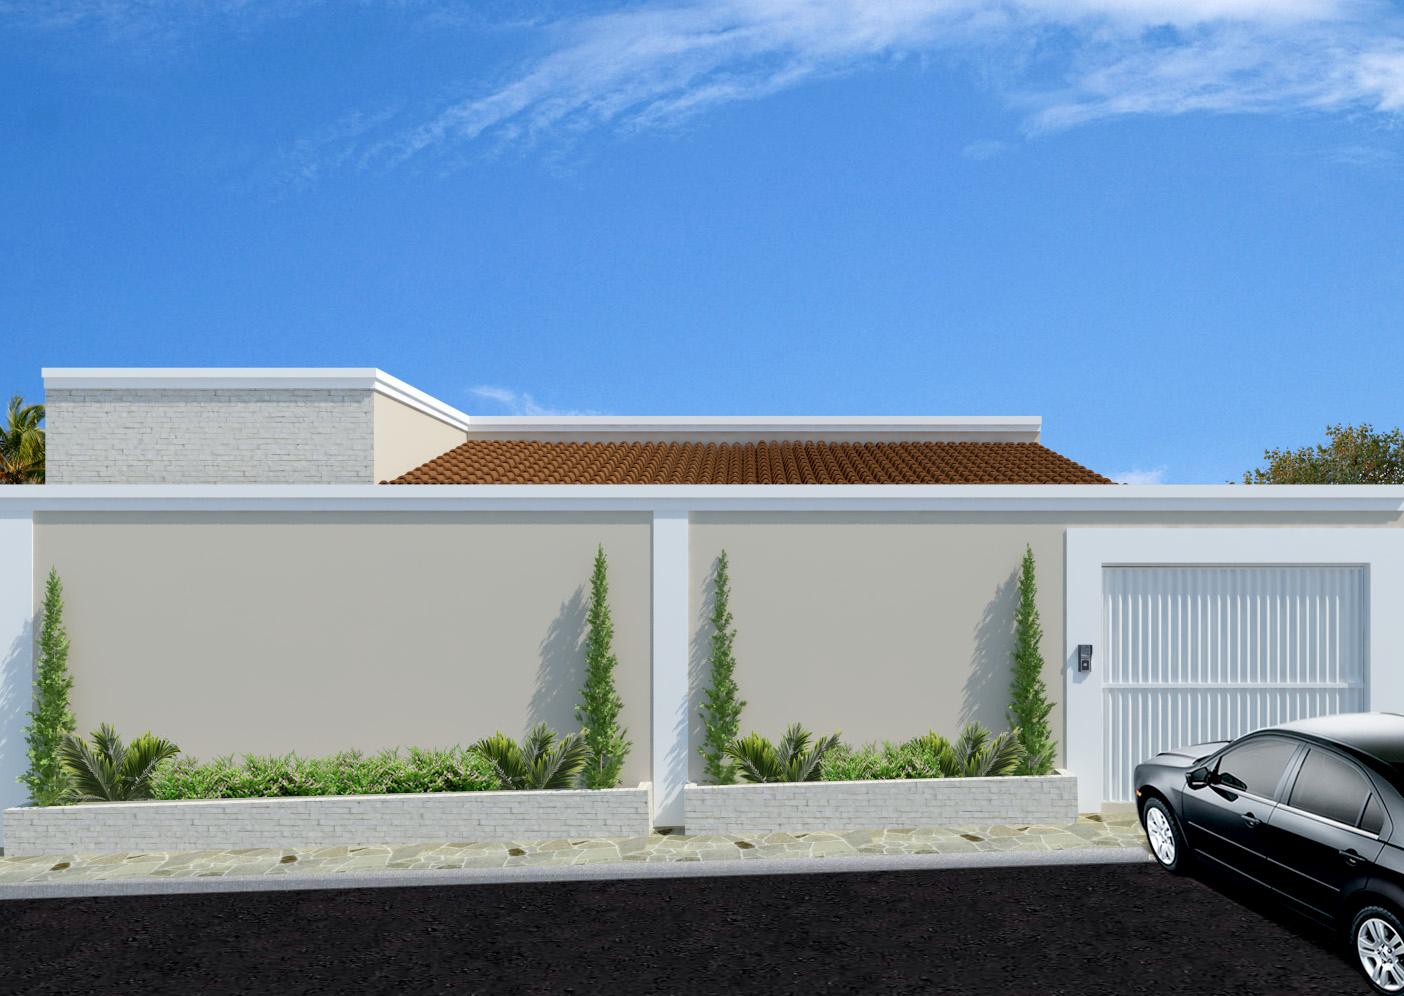 Fachadas de casas modernas com muros fotos decorando casas for Modelos de casas fachadas fotos